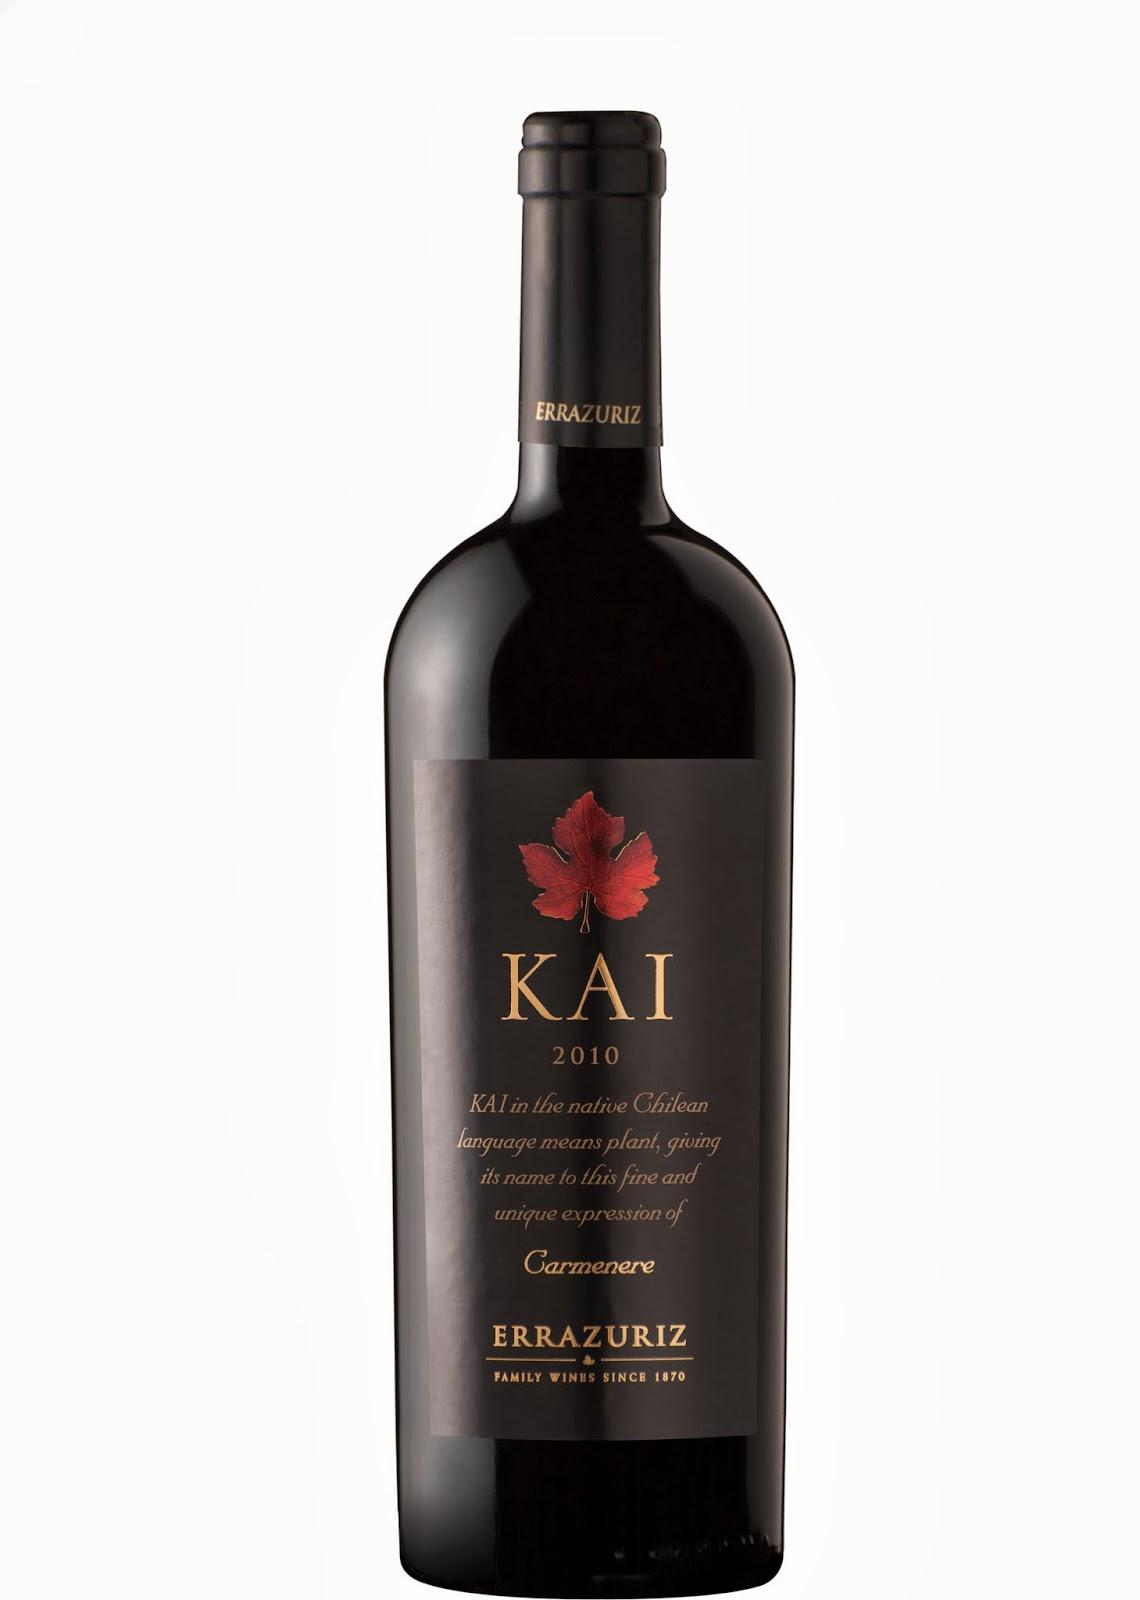 KAI-2010-ALTA-ENG-2-2